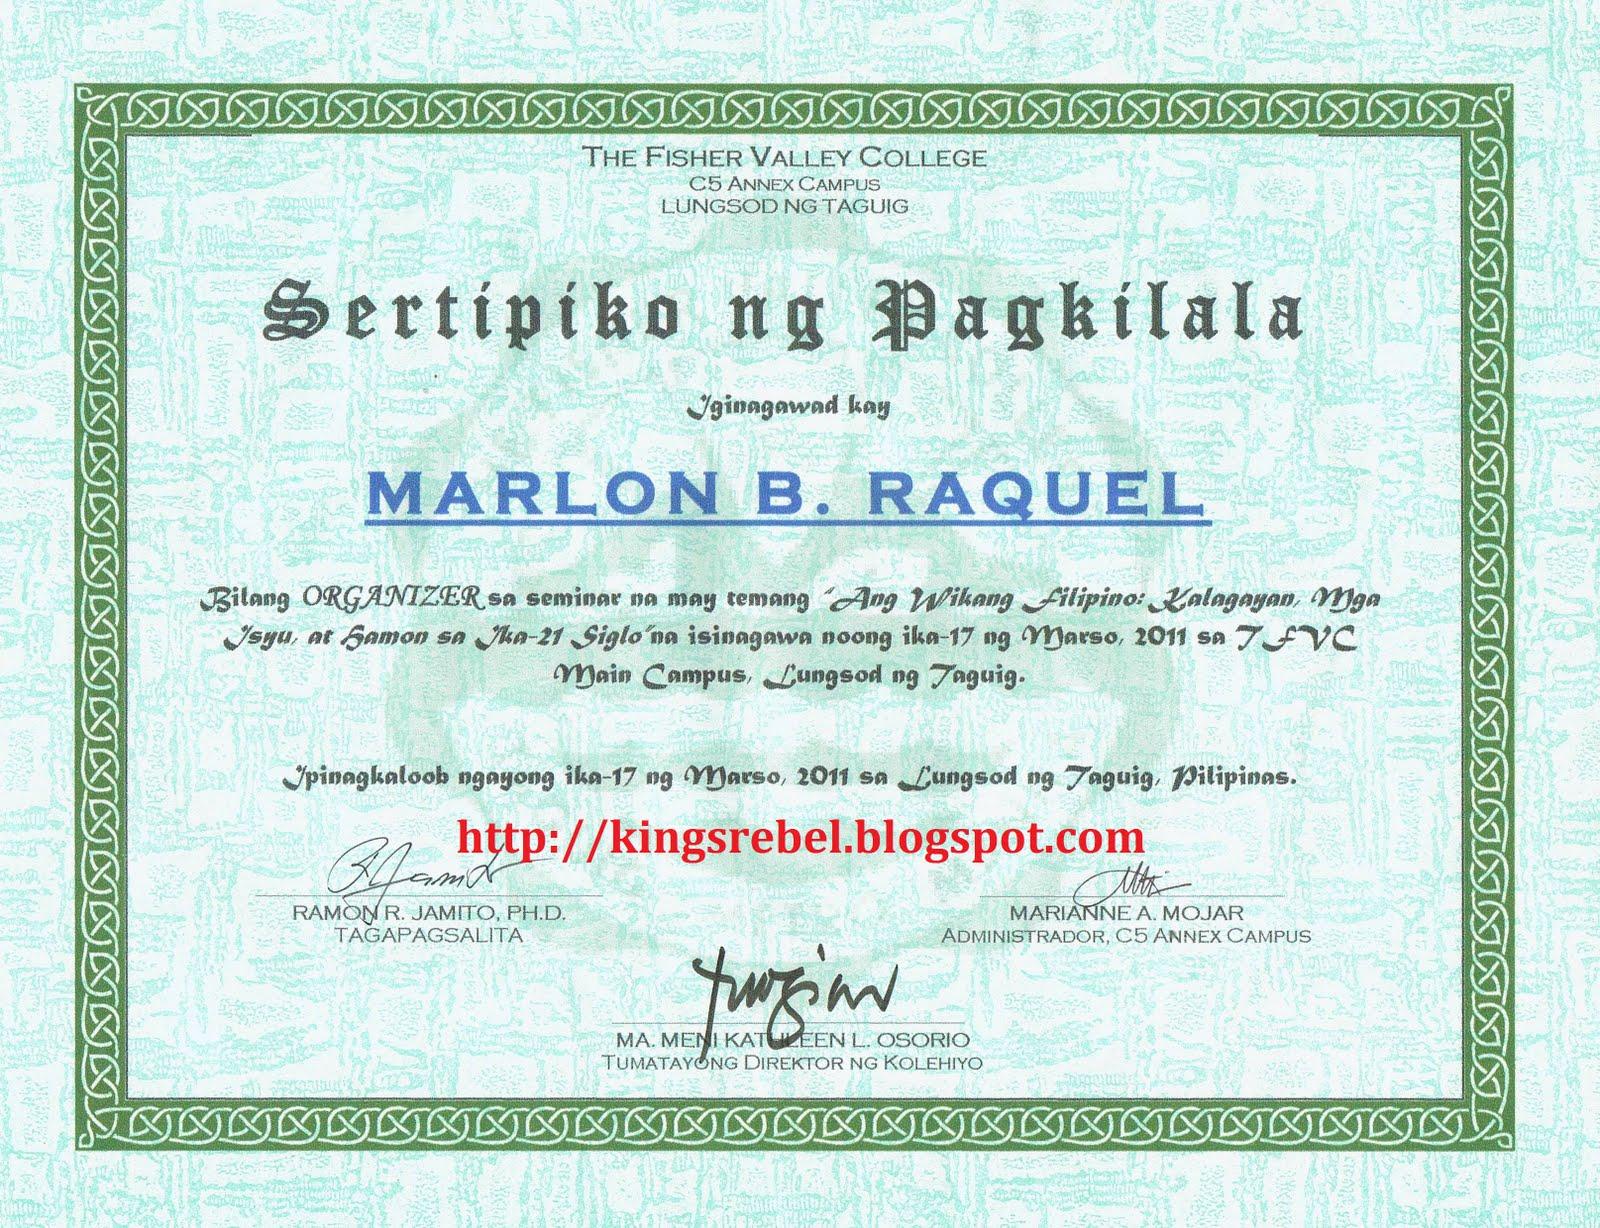 Tidbits and bytes sertipiko ng pagkilala organizer seminar sa tidbits and bytes sertipiko ng pagkilala organizer seminar sa wikang filipino yelopaper Choice Image